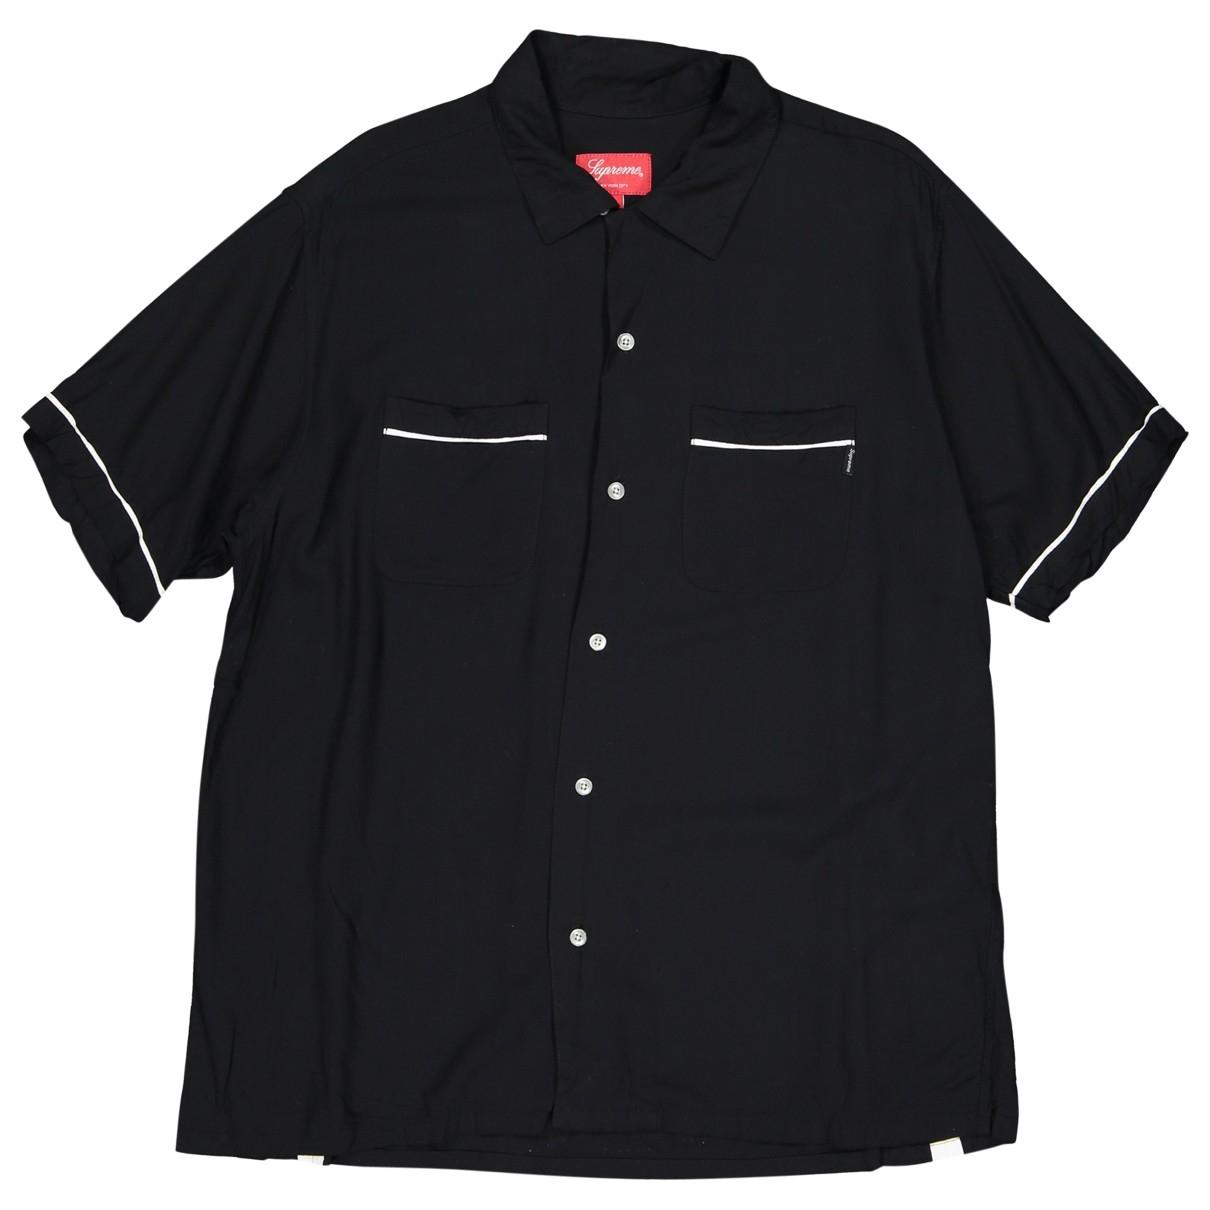 Supreme - Tee shirts   pour homme - noir